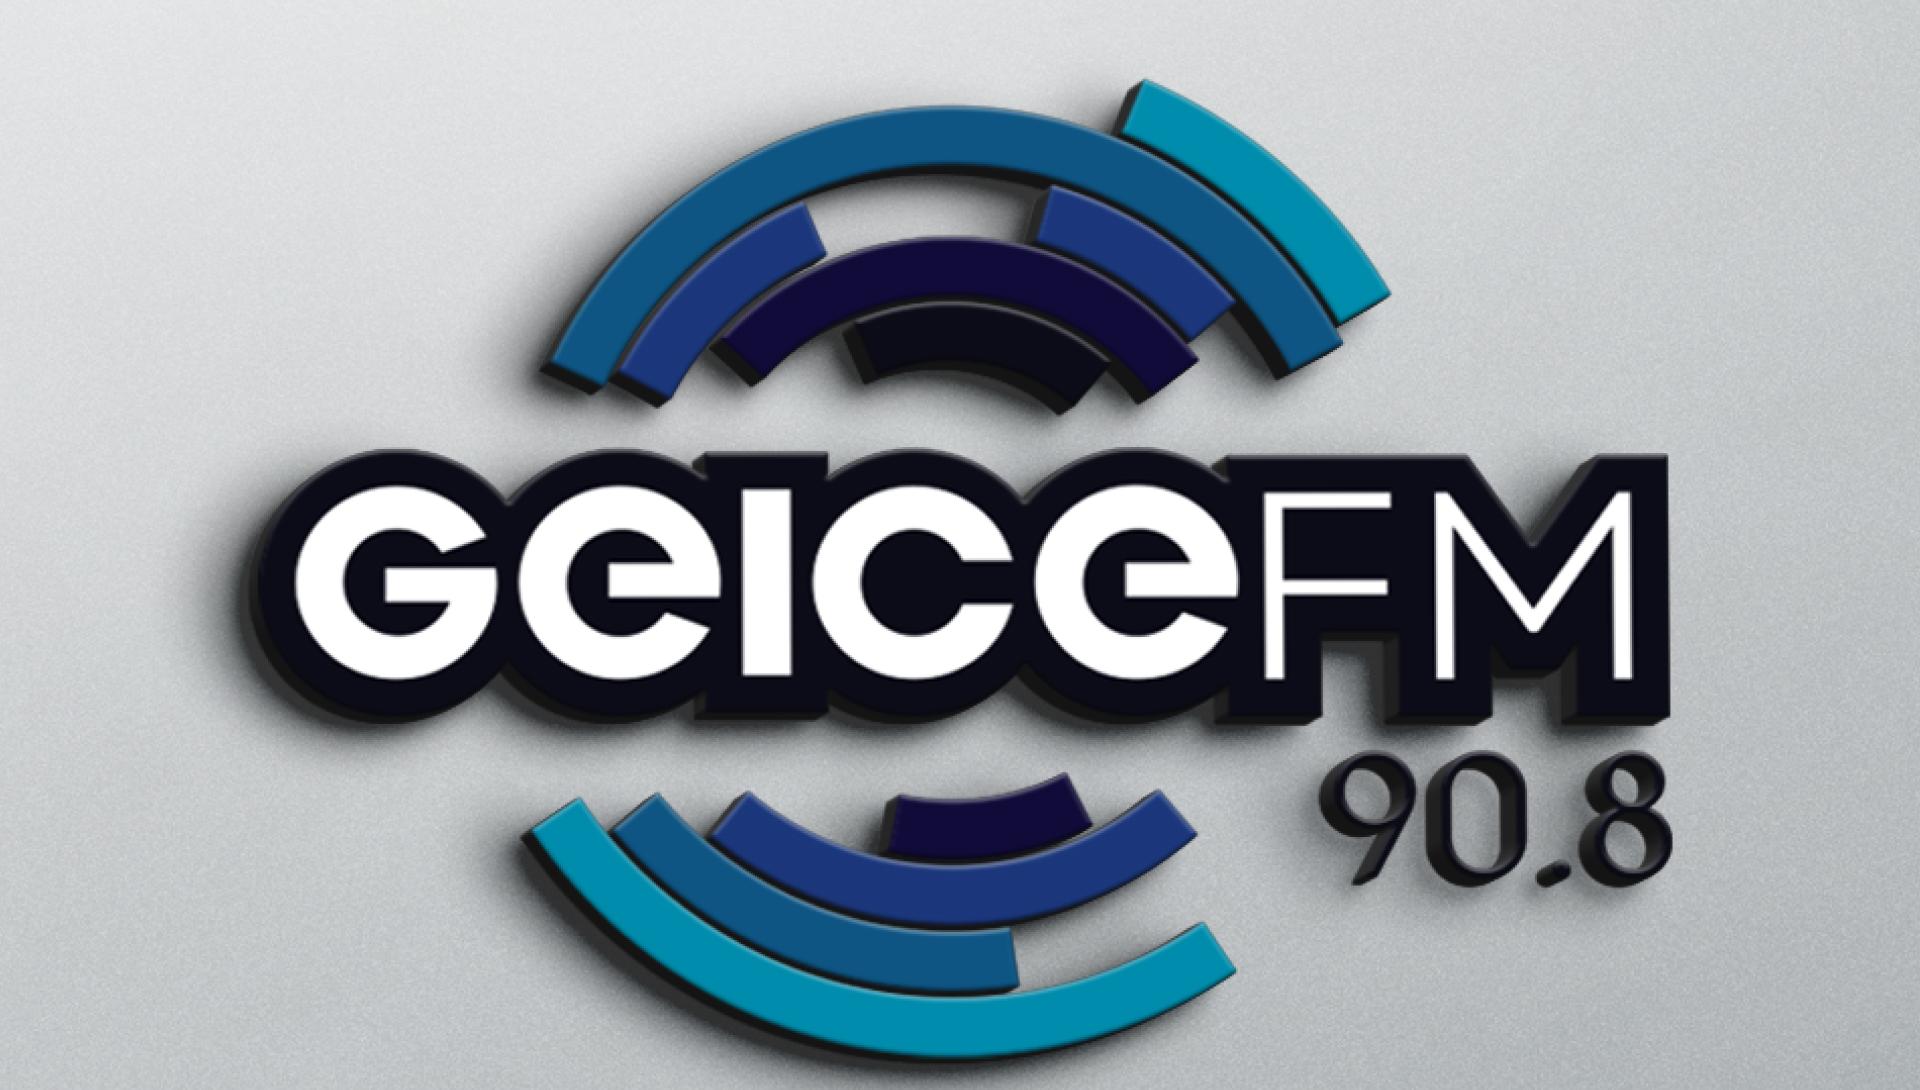 Detalhe de branding Radio Geice FM